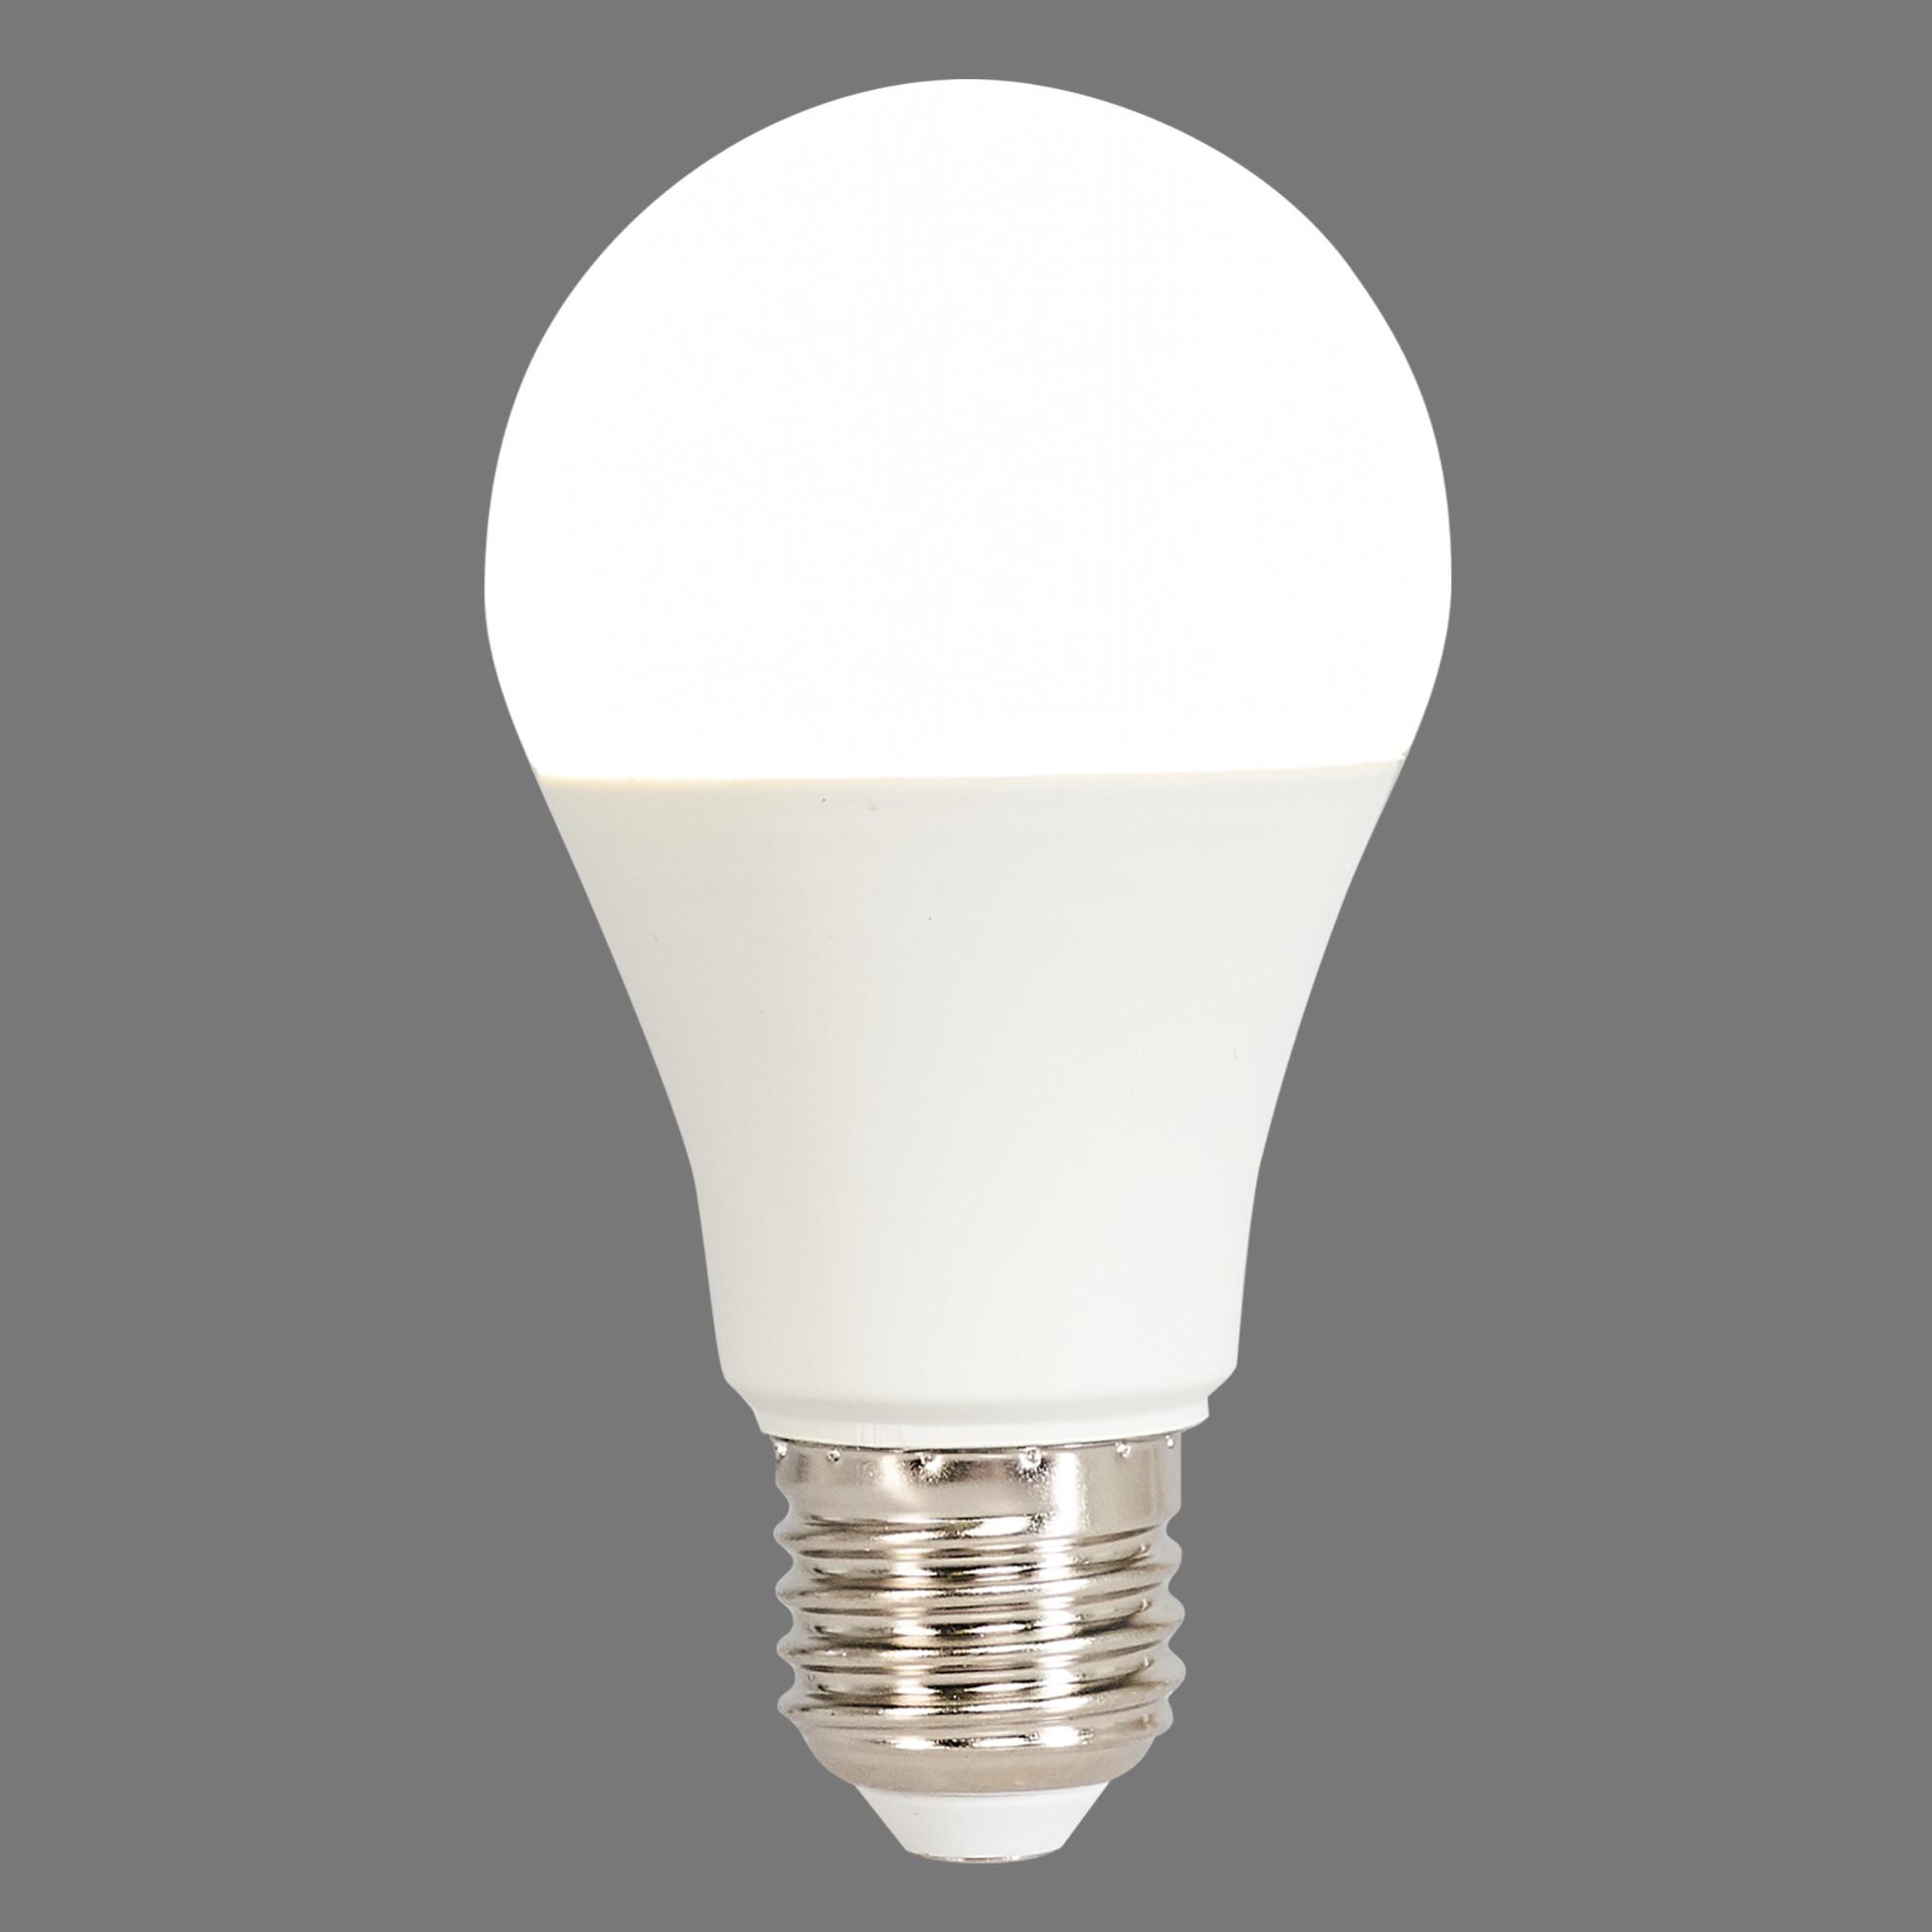 Лампа светодиодная Norma E27 170-240 В 16 Вт груша 1450 лм белый свет